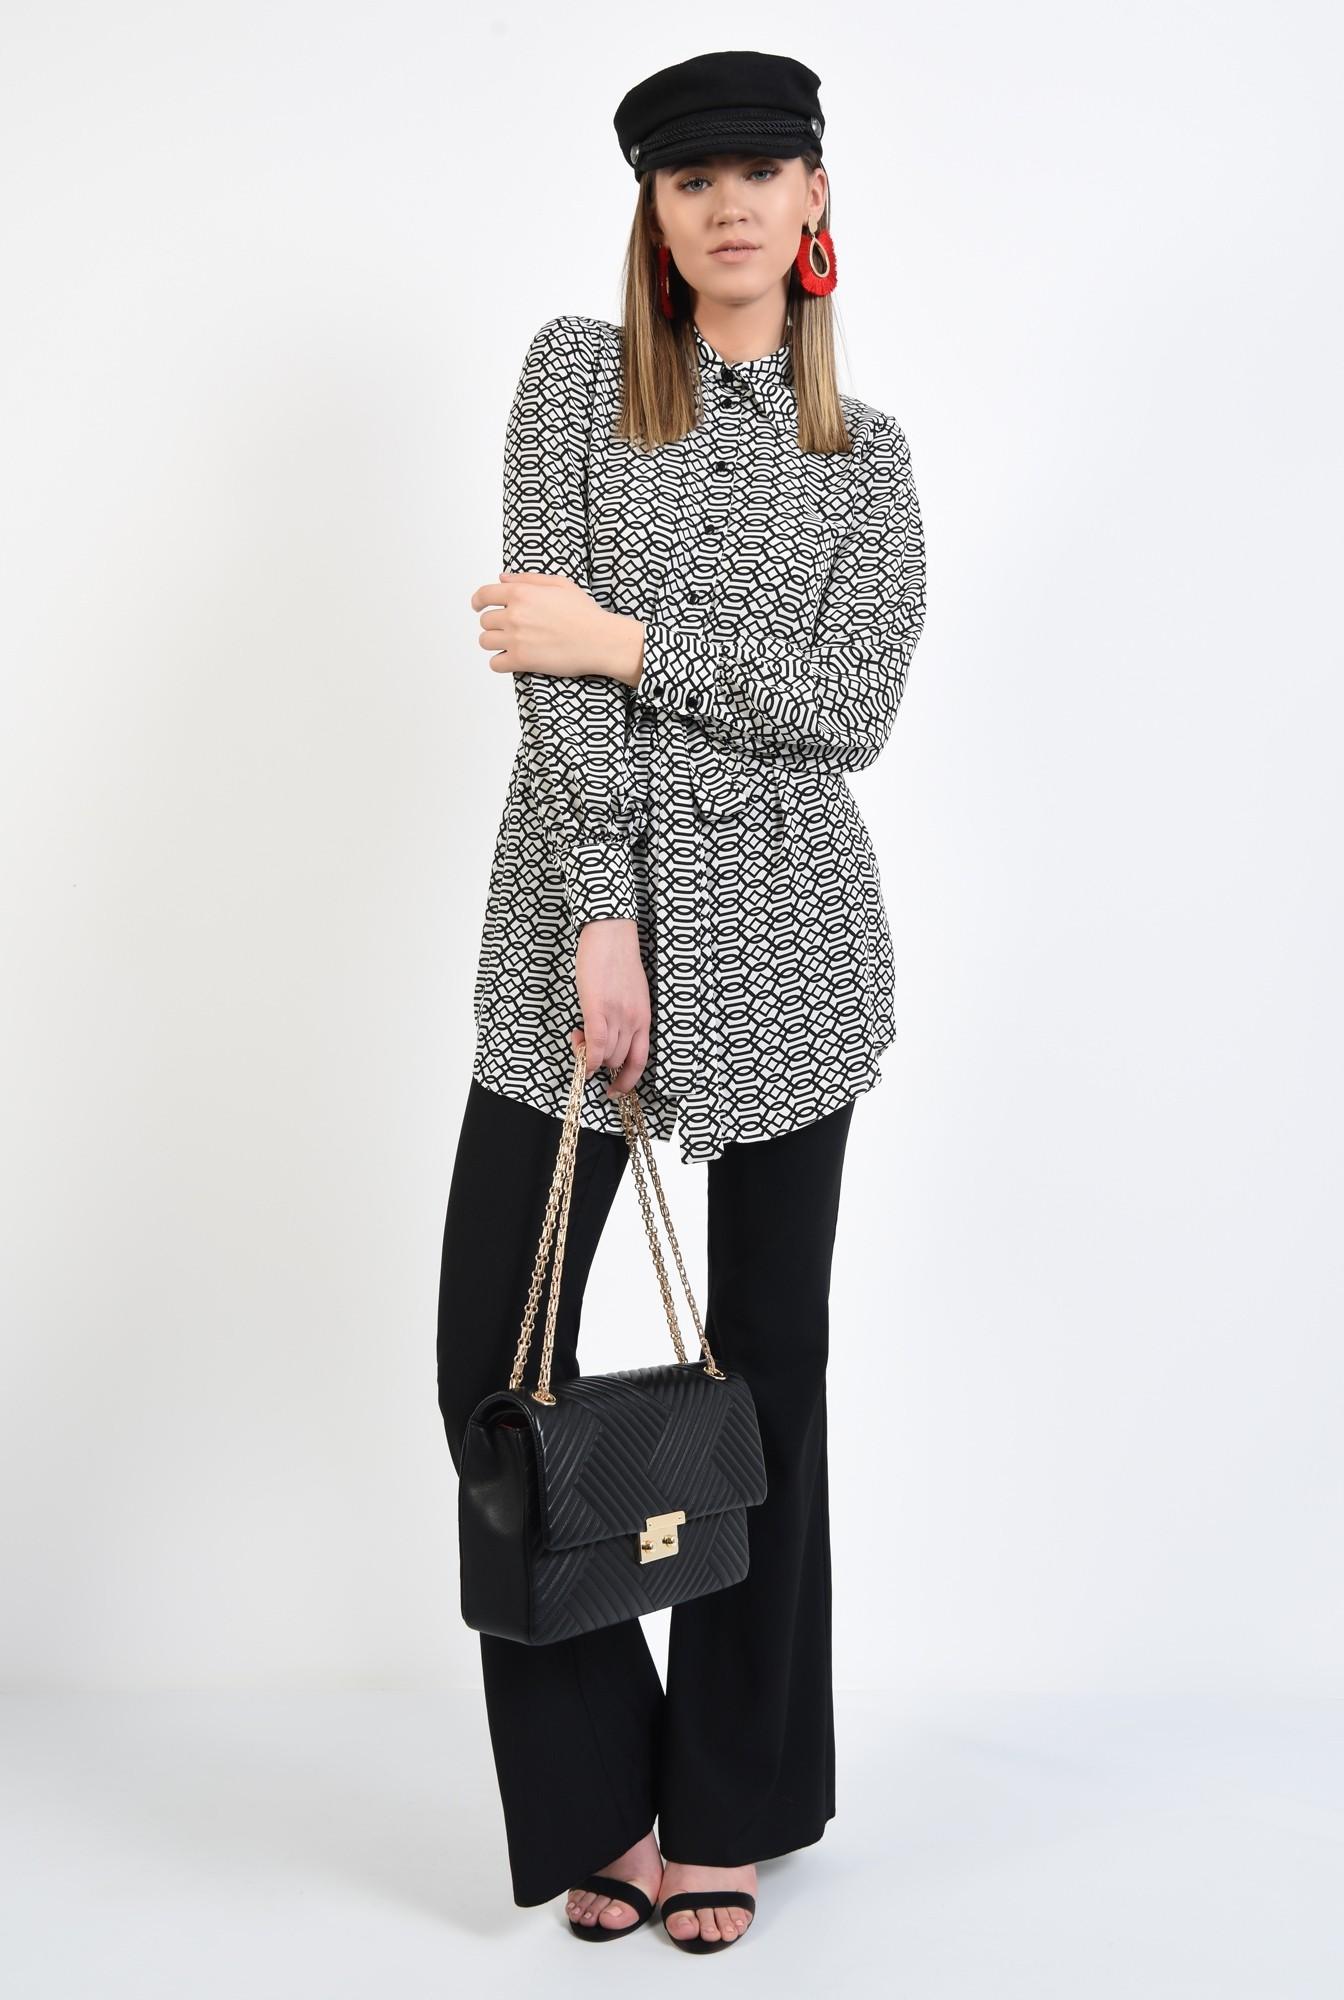 3 - camasa casual, stil tunica, lunga, alb-negru, cu cordon